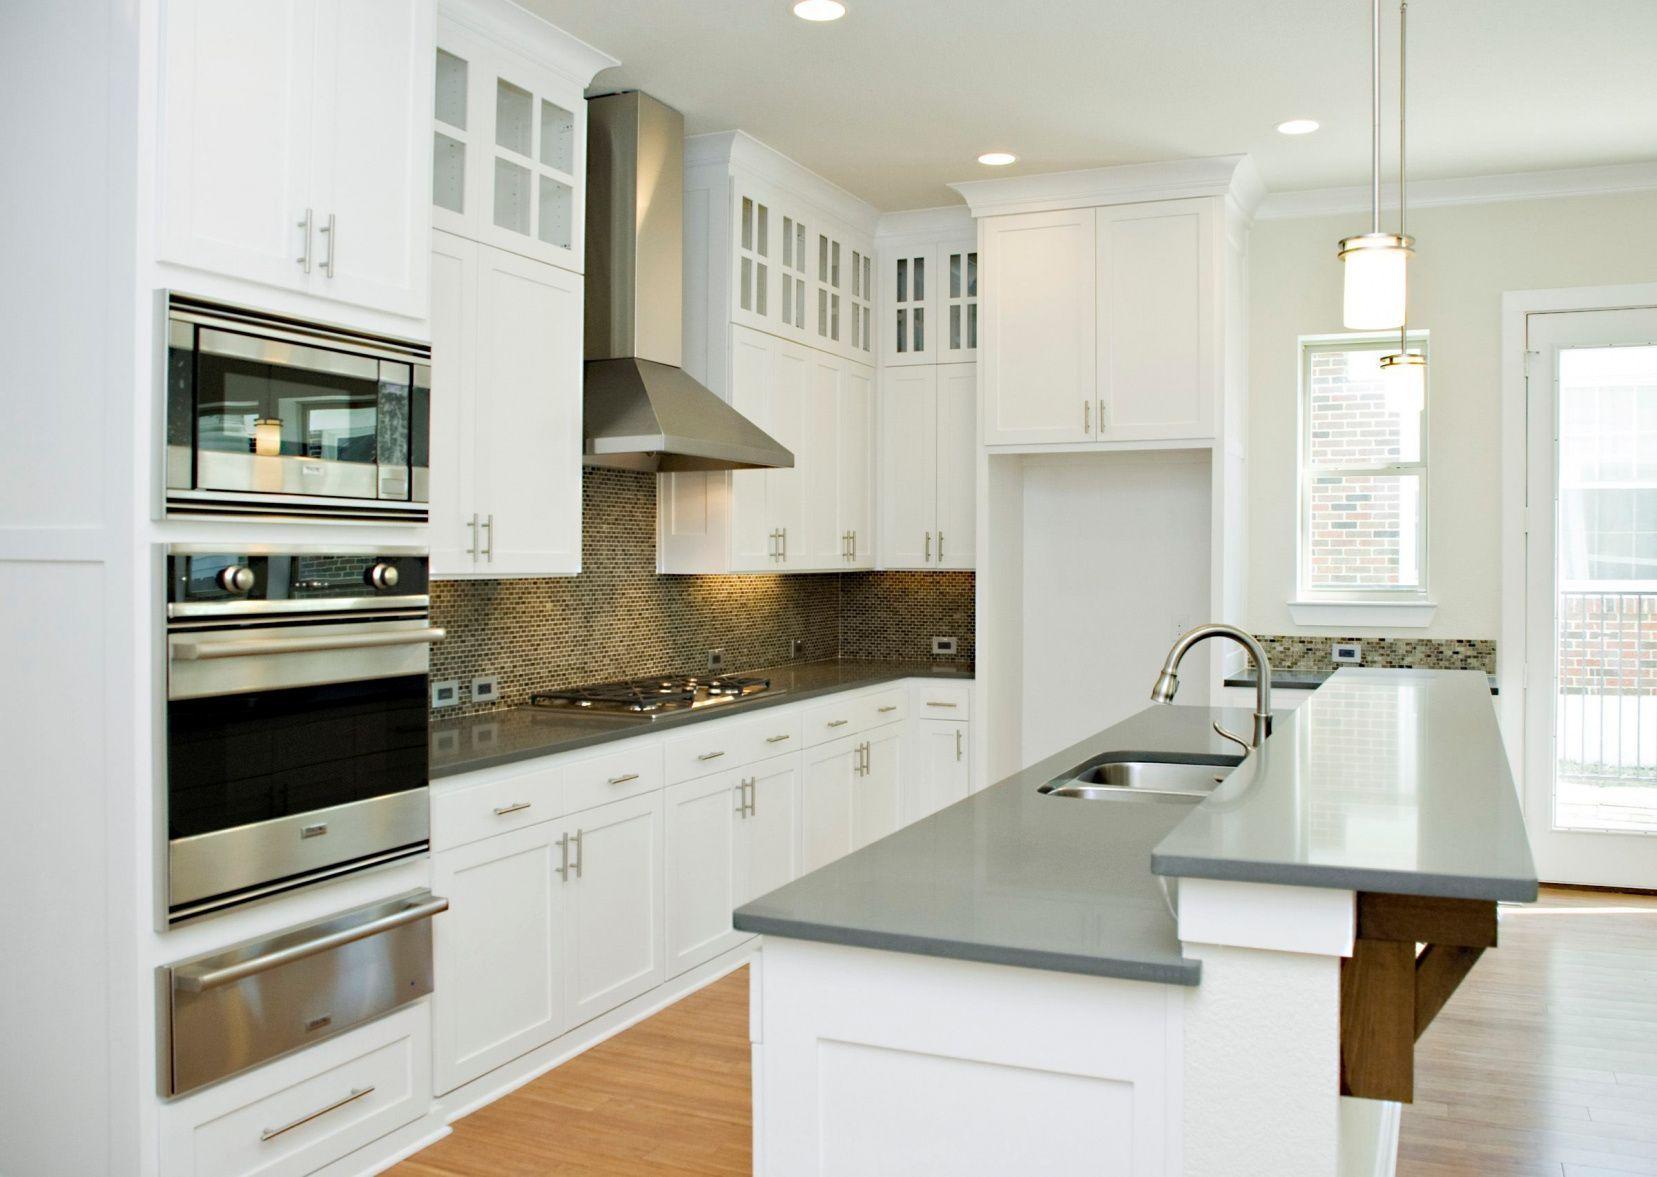 2019 White Kitchen Cabinets With Gray Quartz Countertops  Kitchen